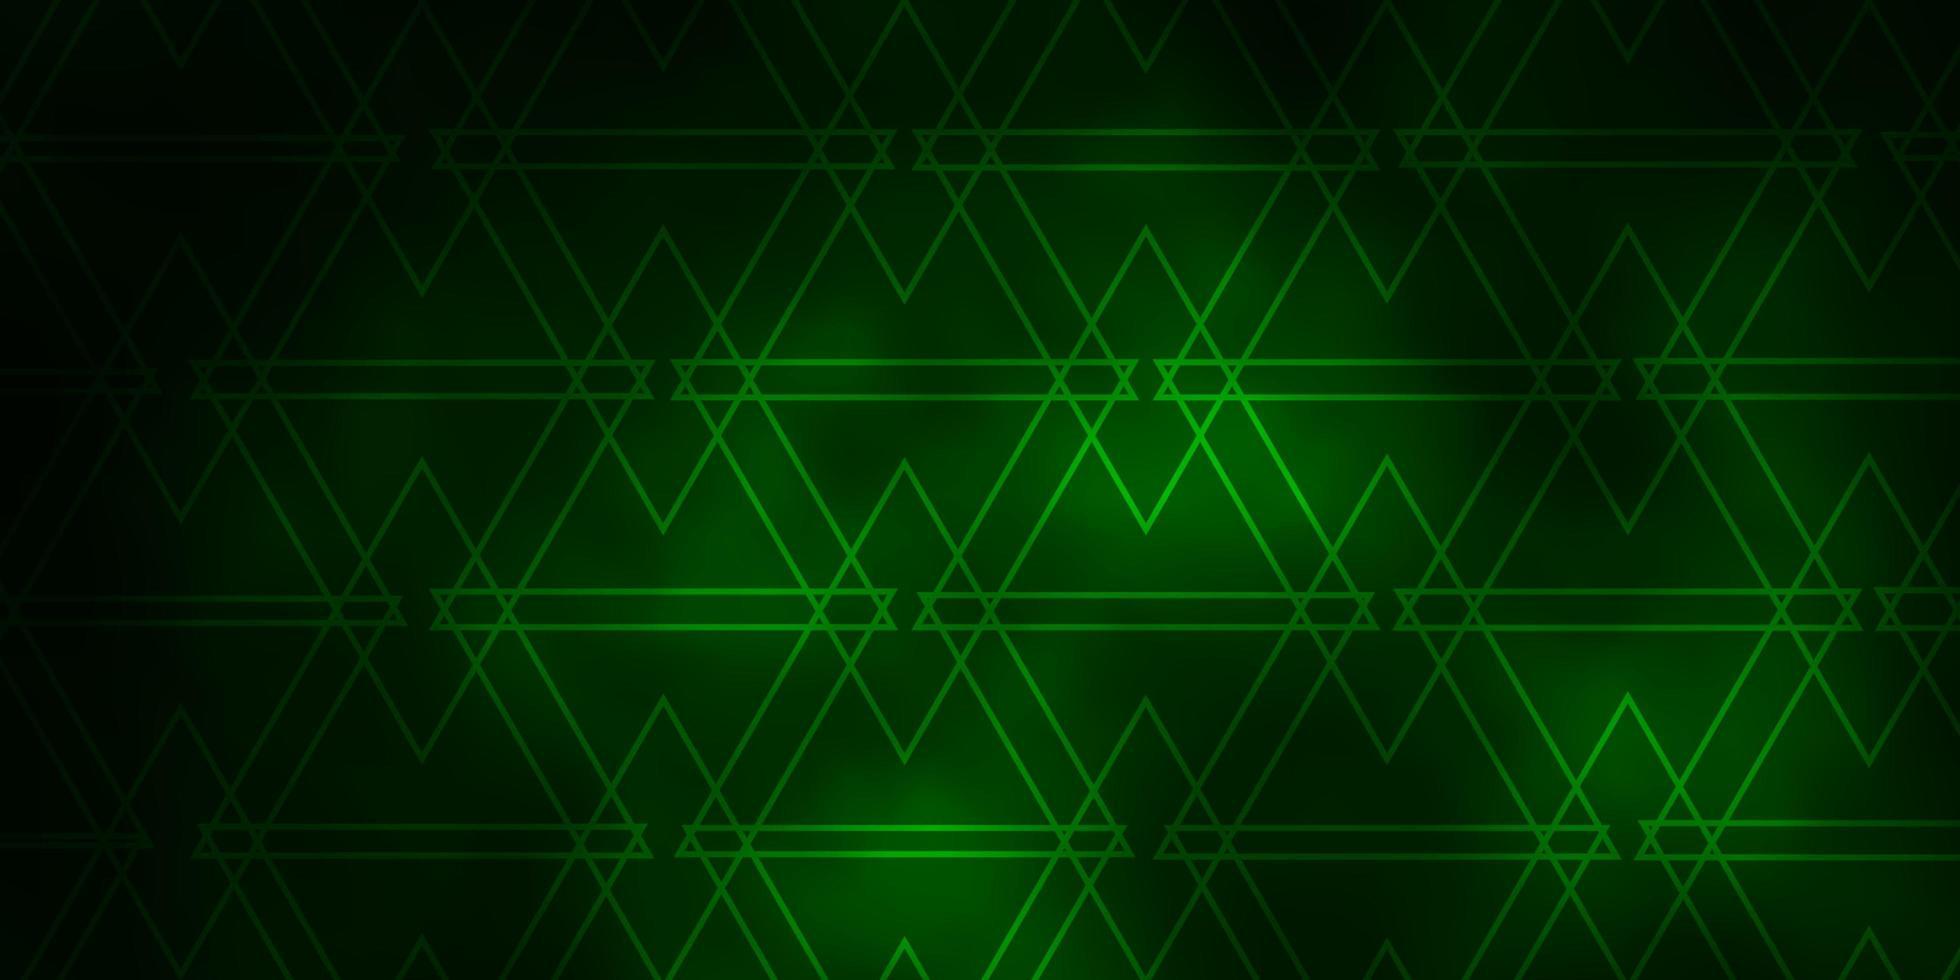 layout de vetor verde escuro com linhas, triângulos.